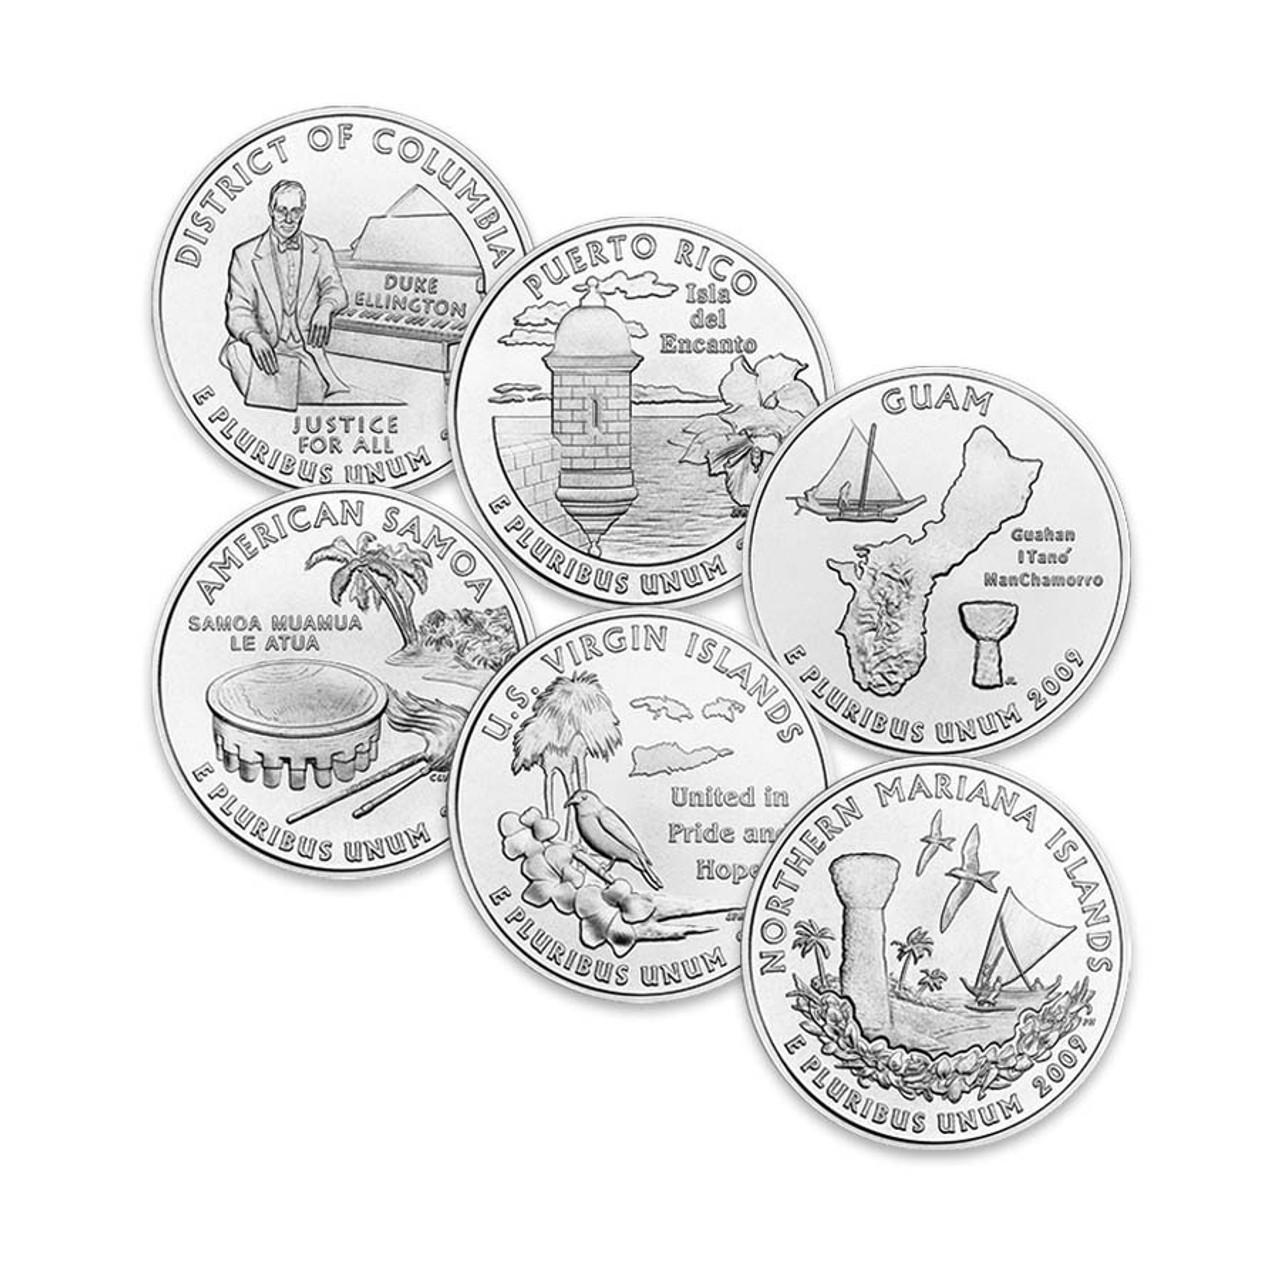 2009 DC & Territories Quarters P & D 12 Coins Brilliant Uncirculated